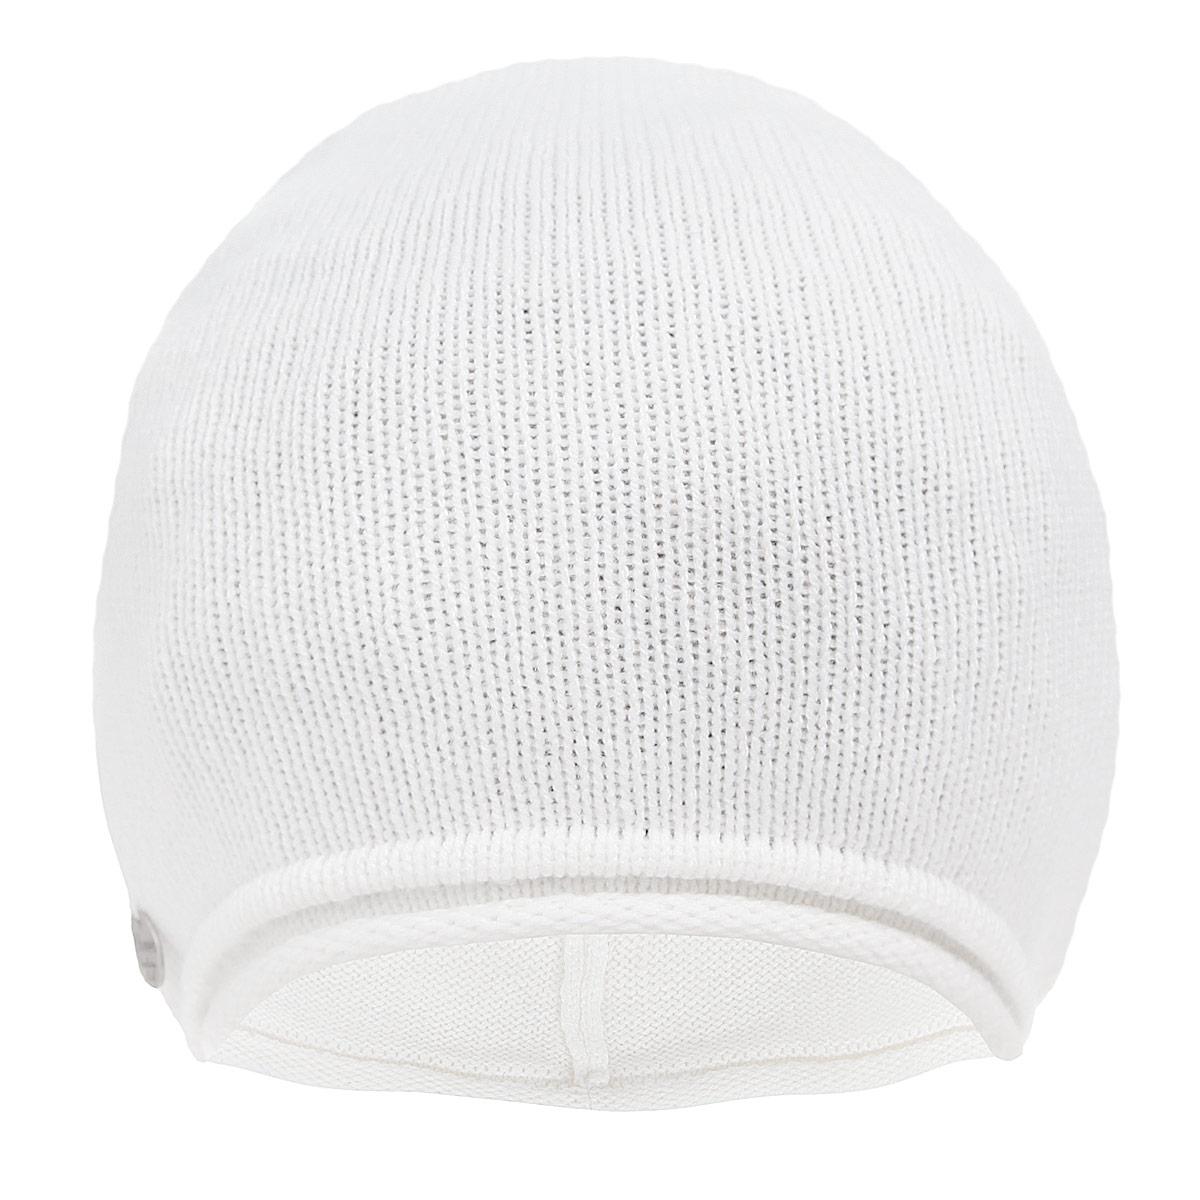 3442365Стильная женская шапка Canoe Divine отлично дополнит ваш образ в холодную погоду. Сочетание шерсти, кашемира и вискозы максимально сохраняет тепло и обеспечивает удобную посадку. Удлиненная шапка с эффектом необработанного края украшена металлической эмблемой с логотипом производителя. Такая модель комфортна и приятна на ощупь, она великолепно подчеркнет ваш вкус. Такая шапка станет отличным дополнением к вашему осеннему или зимнему гардеробу, в ней вам будет уютно и тепло!